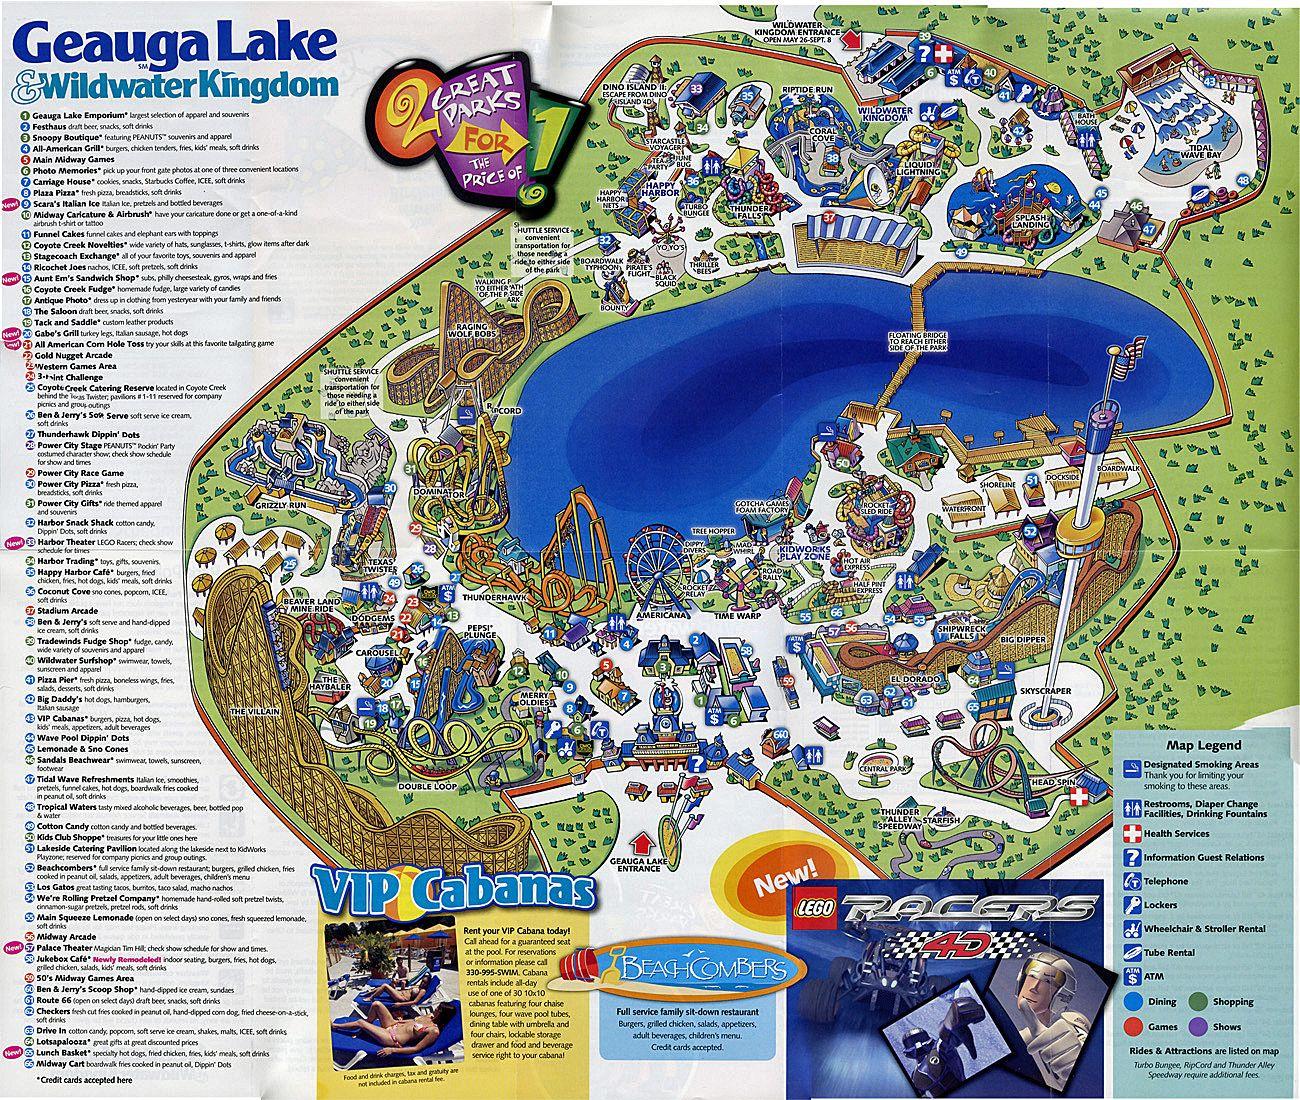 GL Map 2007.jpg 1,300×1,100 Pixels Wildwater Kingdom